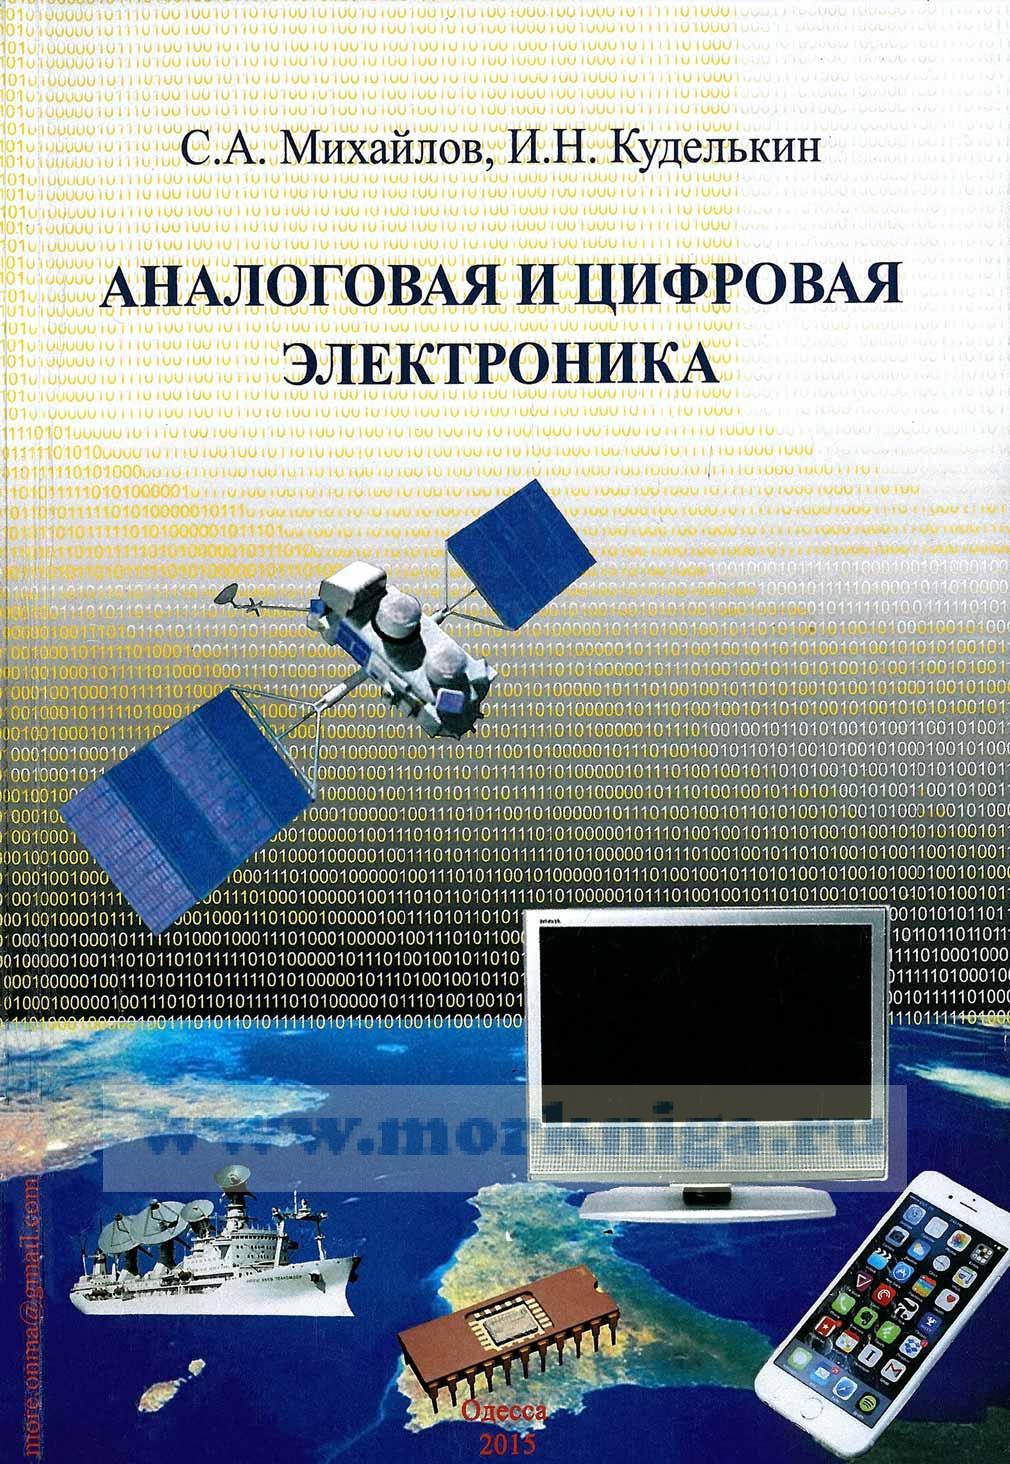 Аналоговая и цифровая электроника. Учебное пособие для курсантов